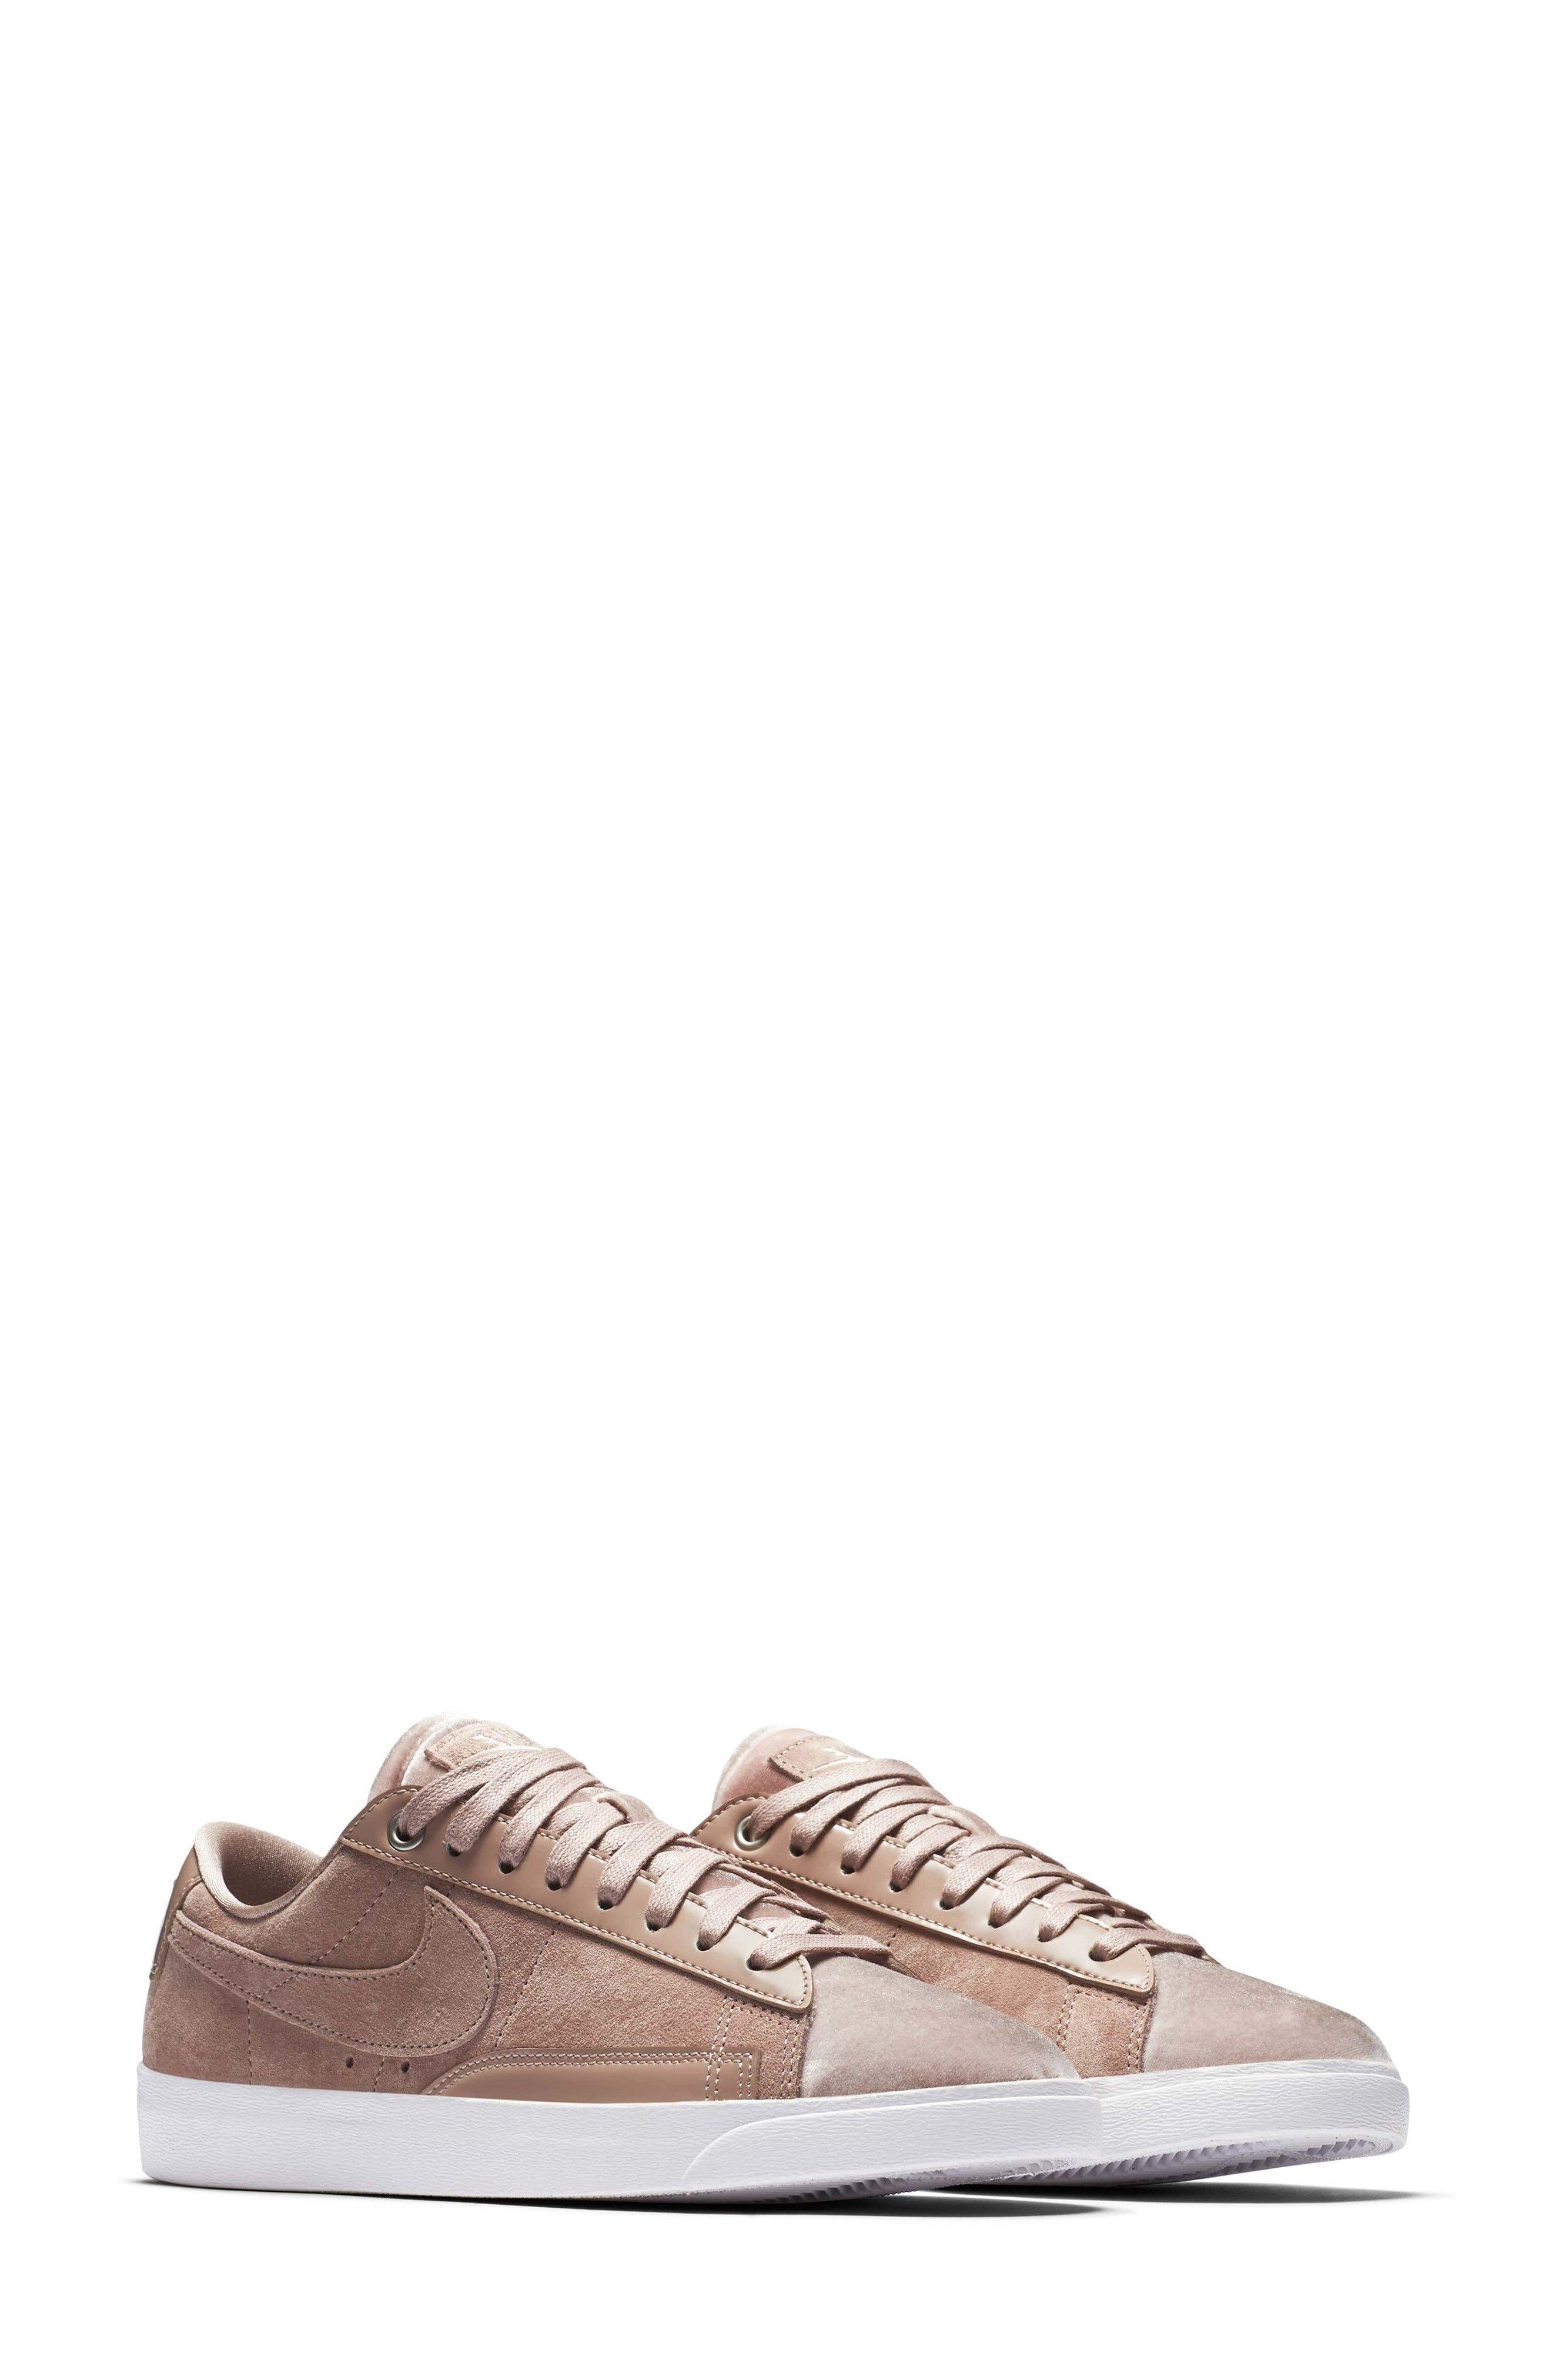 Nike Blazer Low Bal Bourgogne Lx achat vente Livraison gratuite vraiment  stockiste en ligne populaire en ea1ac36ea17d